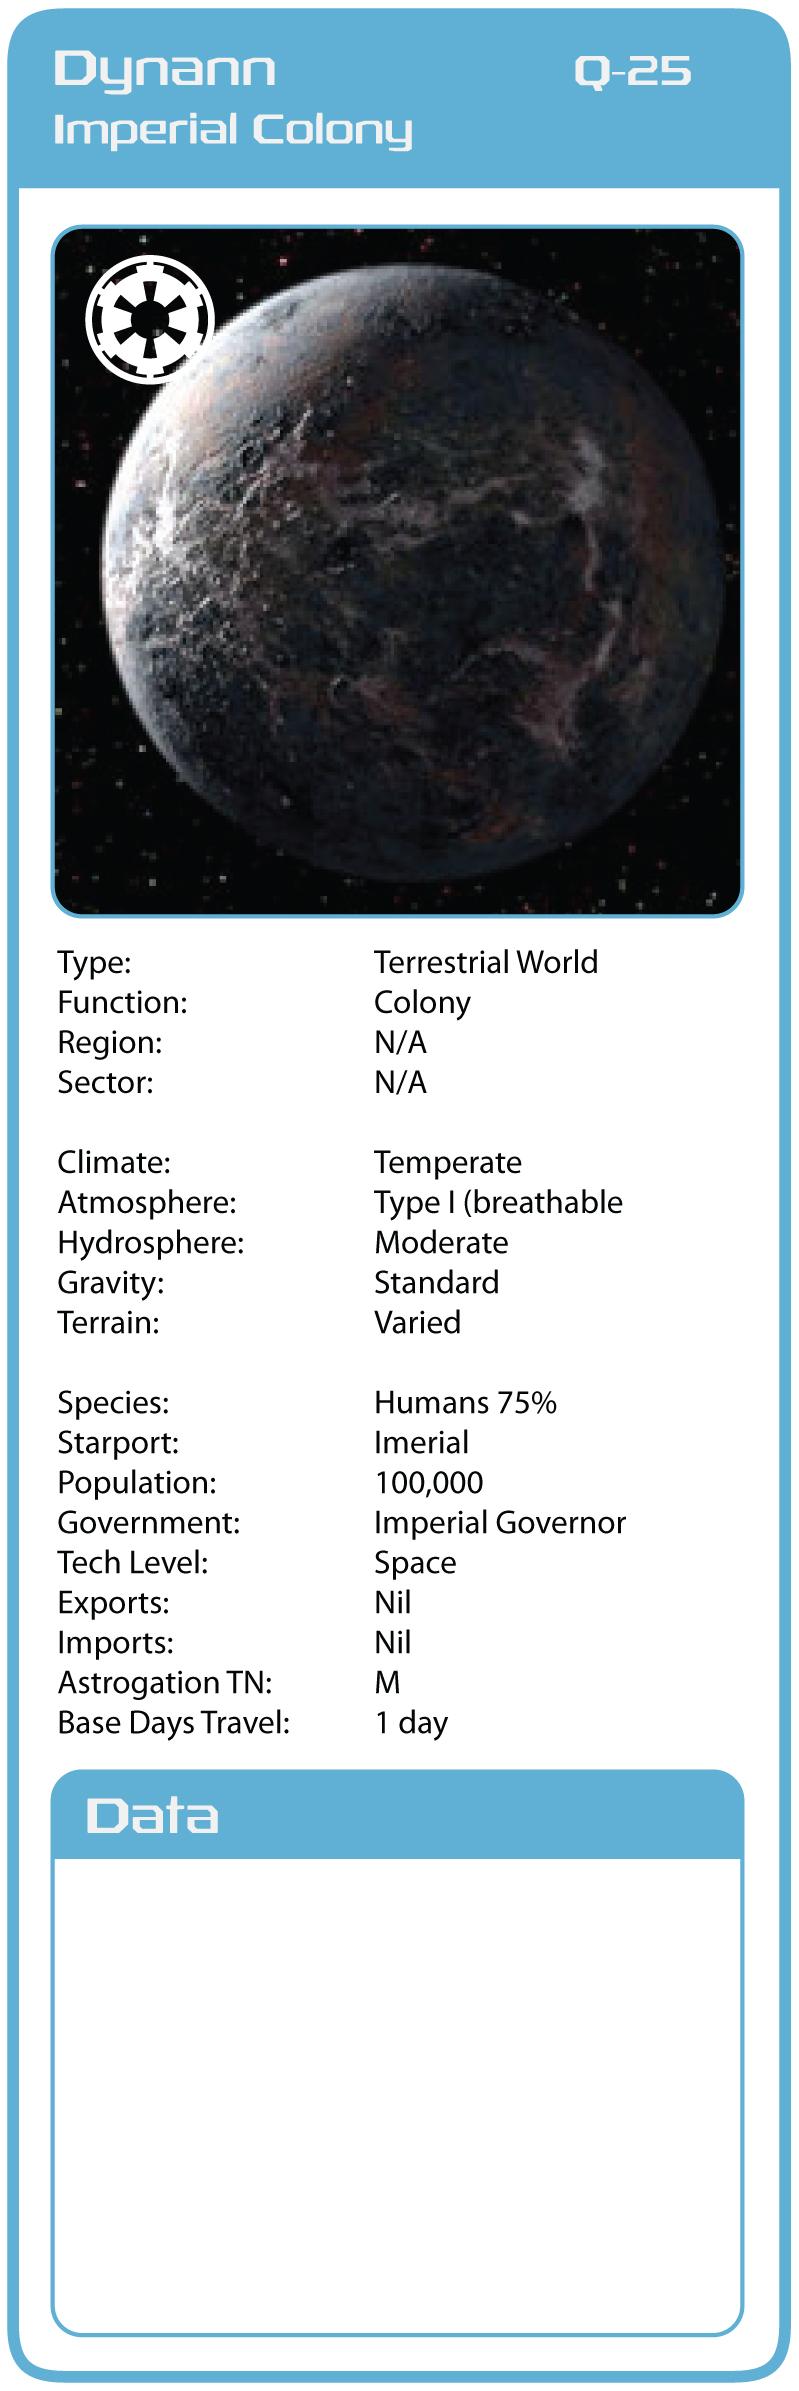 Planet data dynann